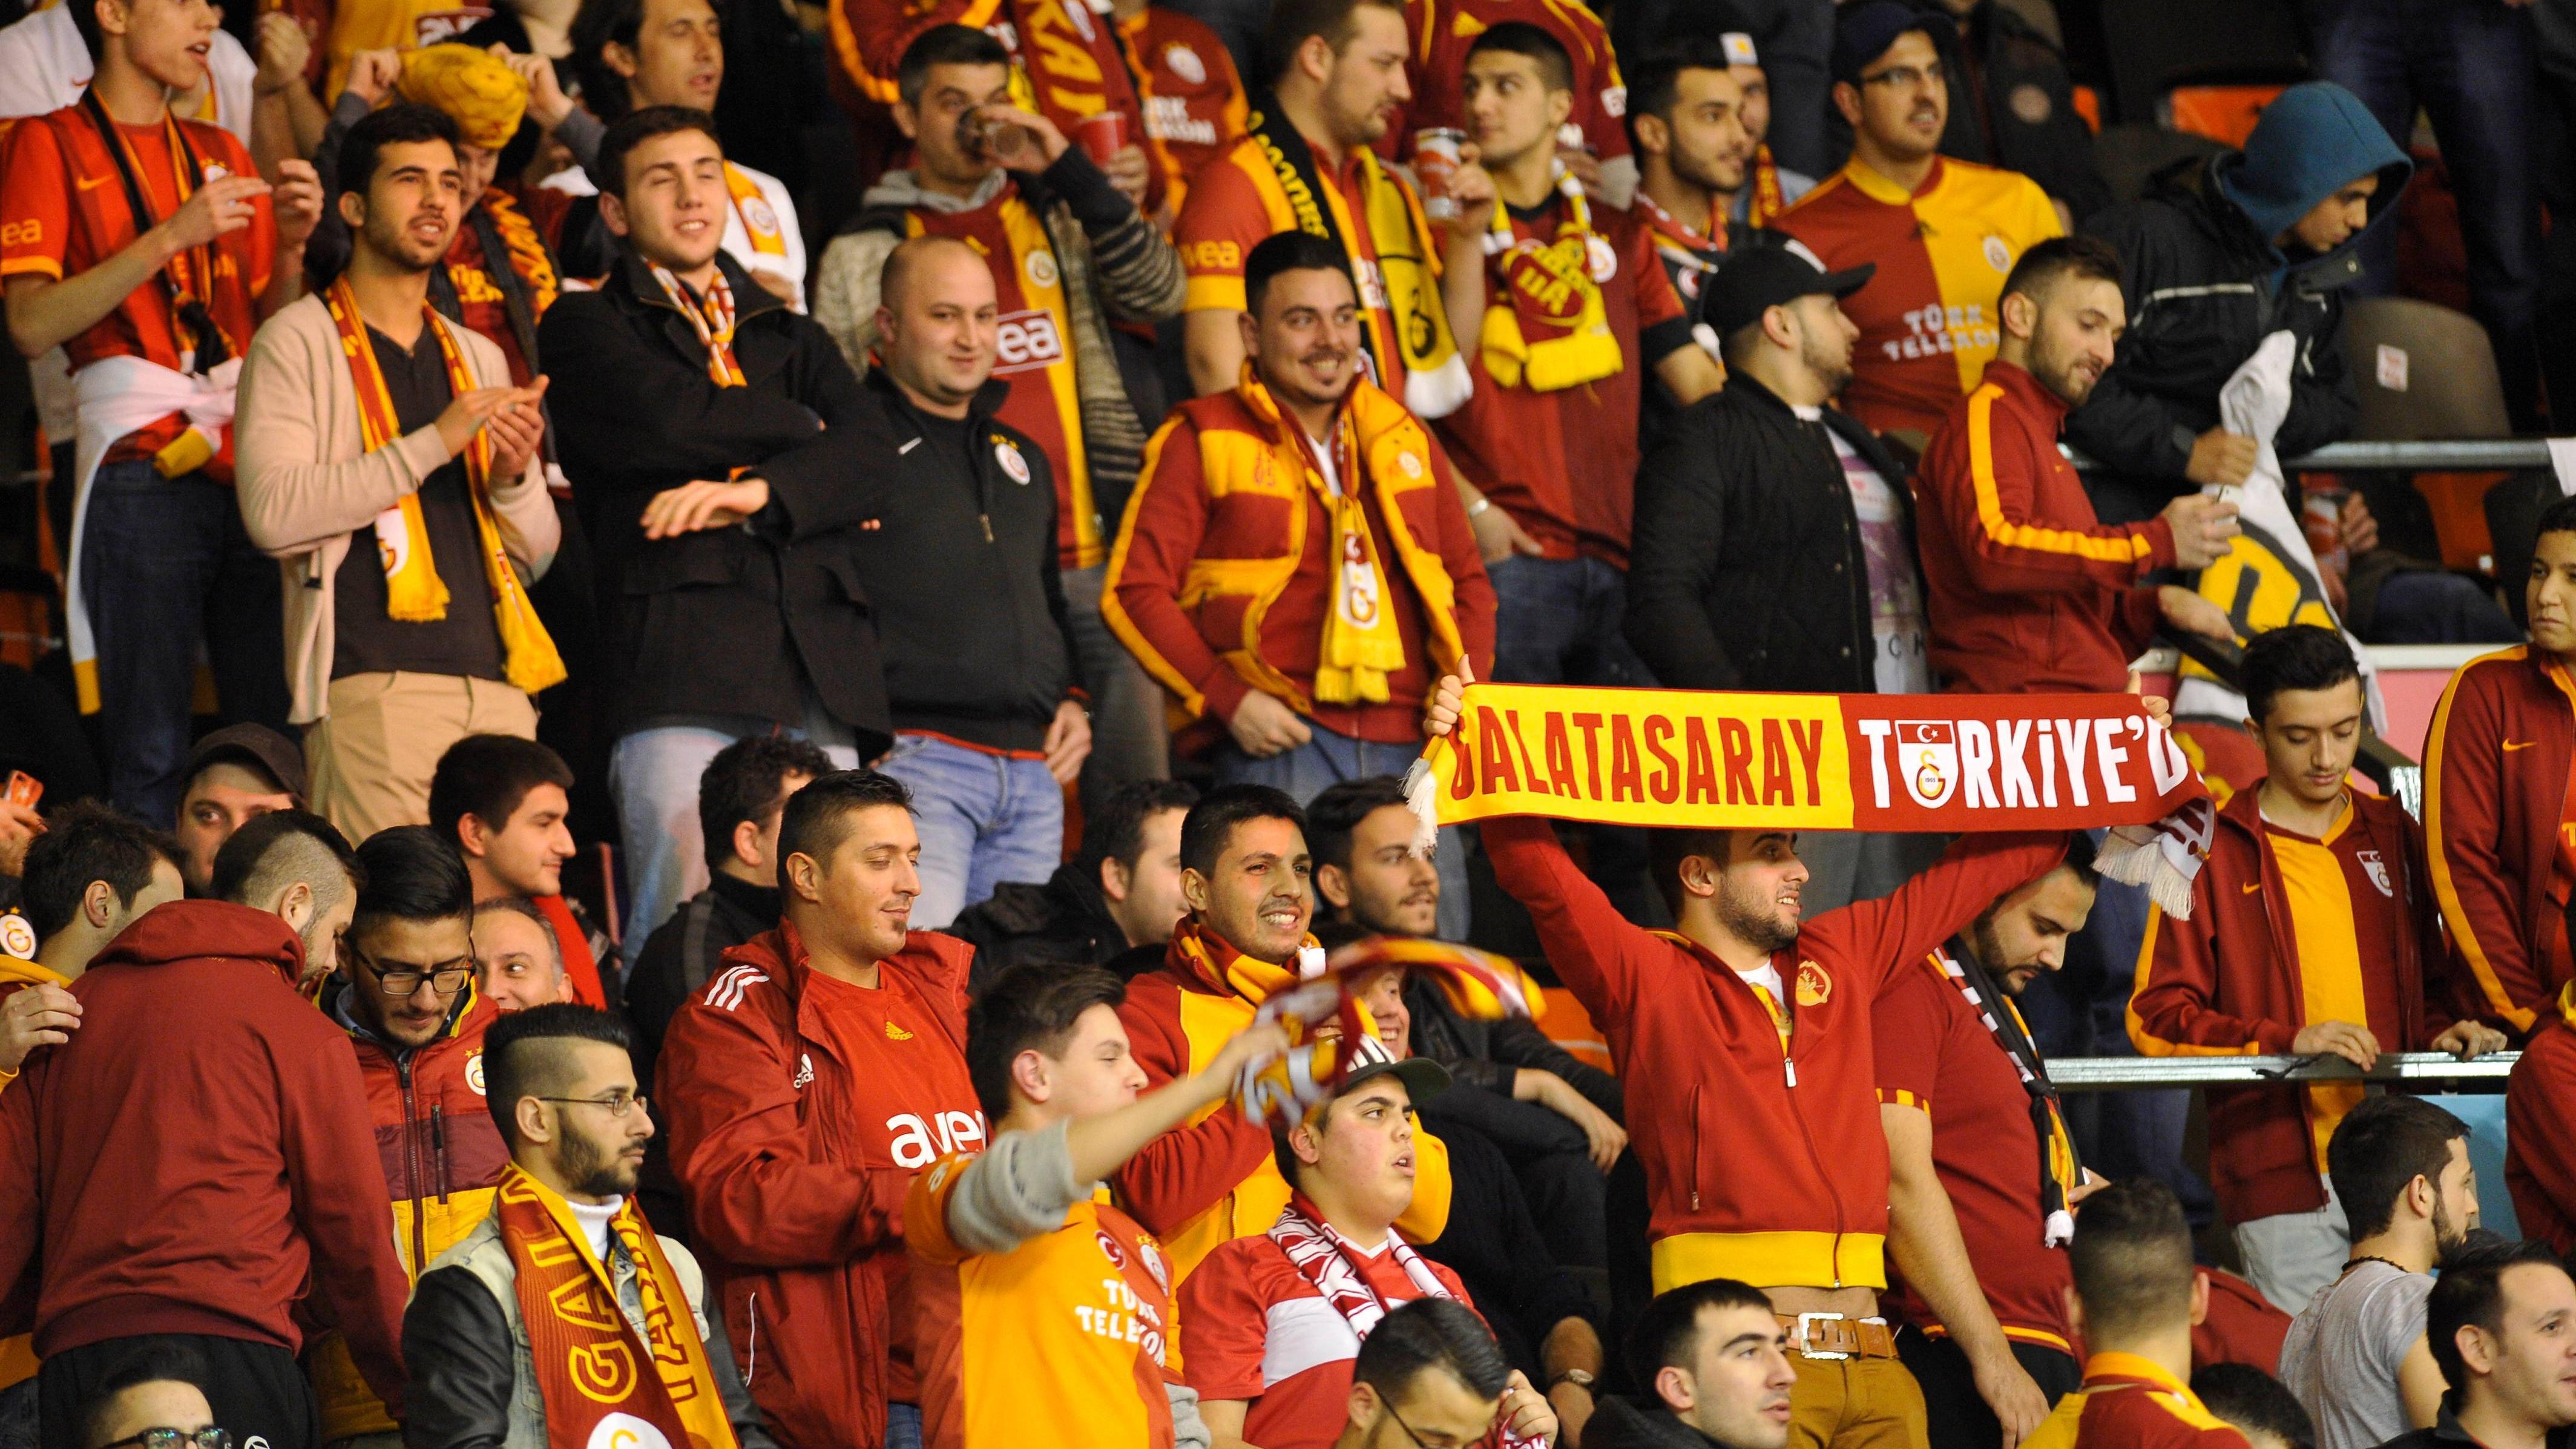 Auch in anderen Sportarten, zum Beispiel im Basketball verbucht Galatasaray Istanbul immer wieder Erfolge - mit Herren- und Damenmannschaft.